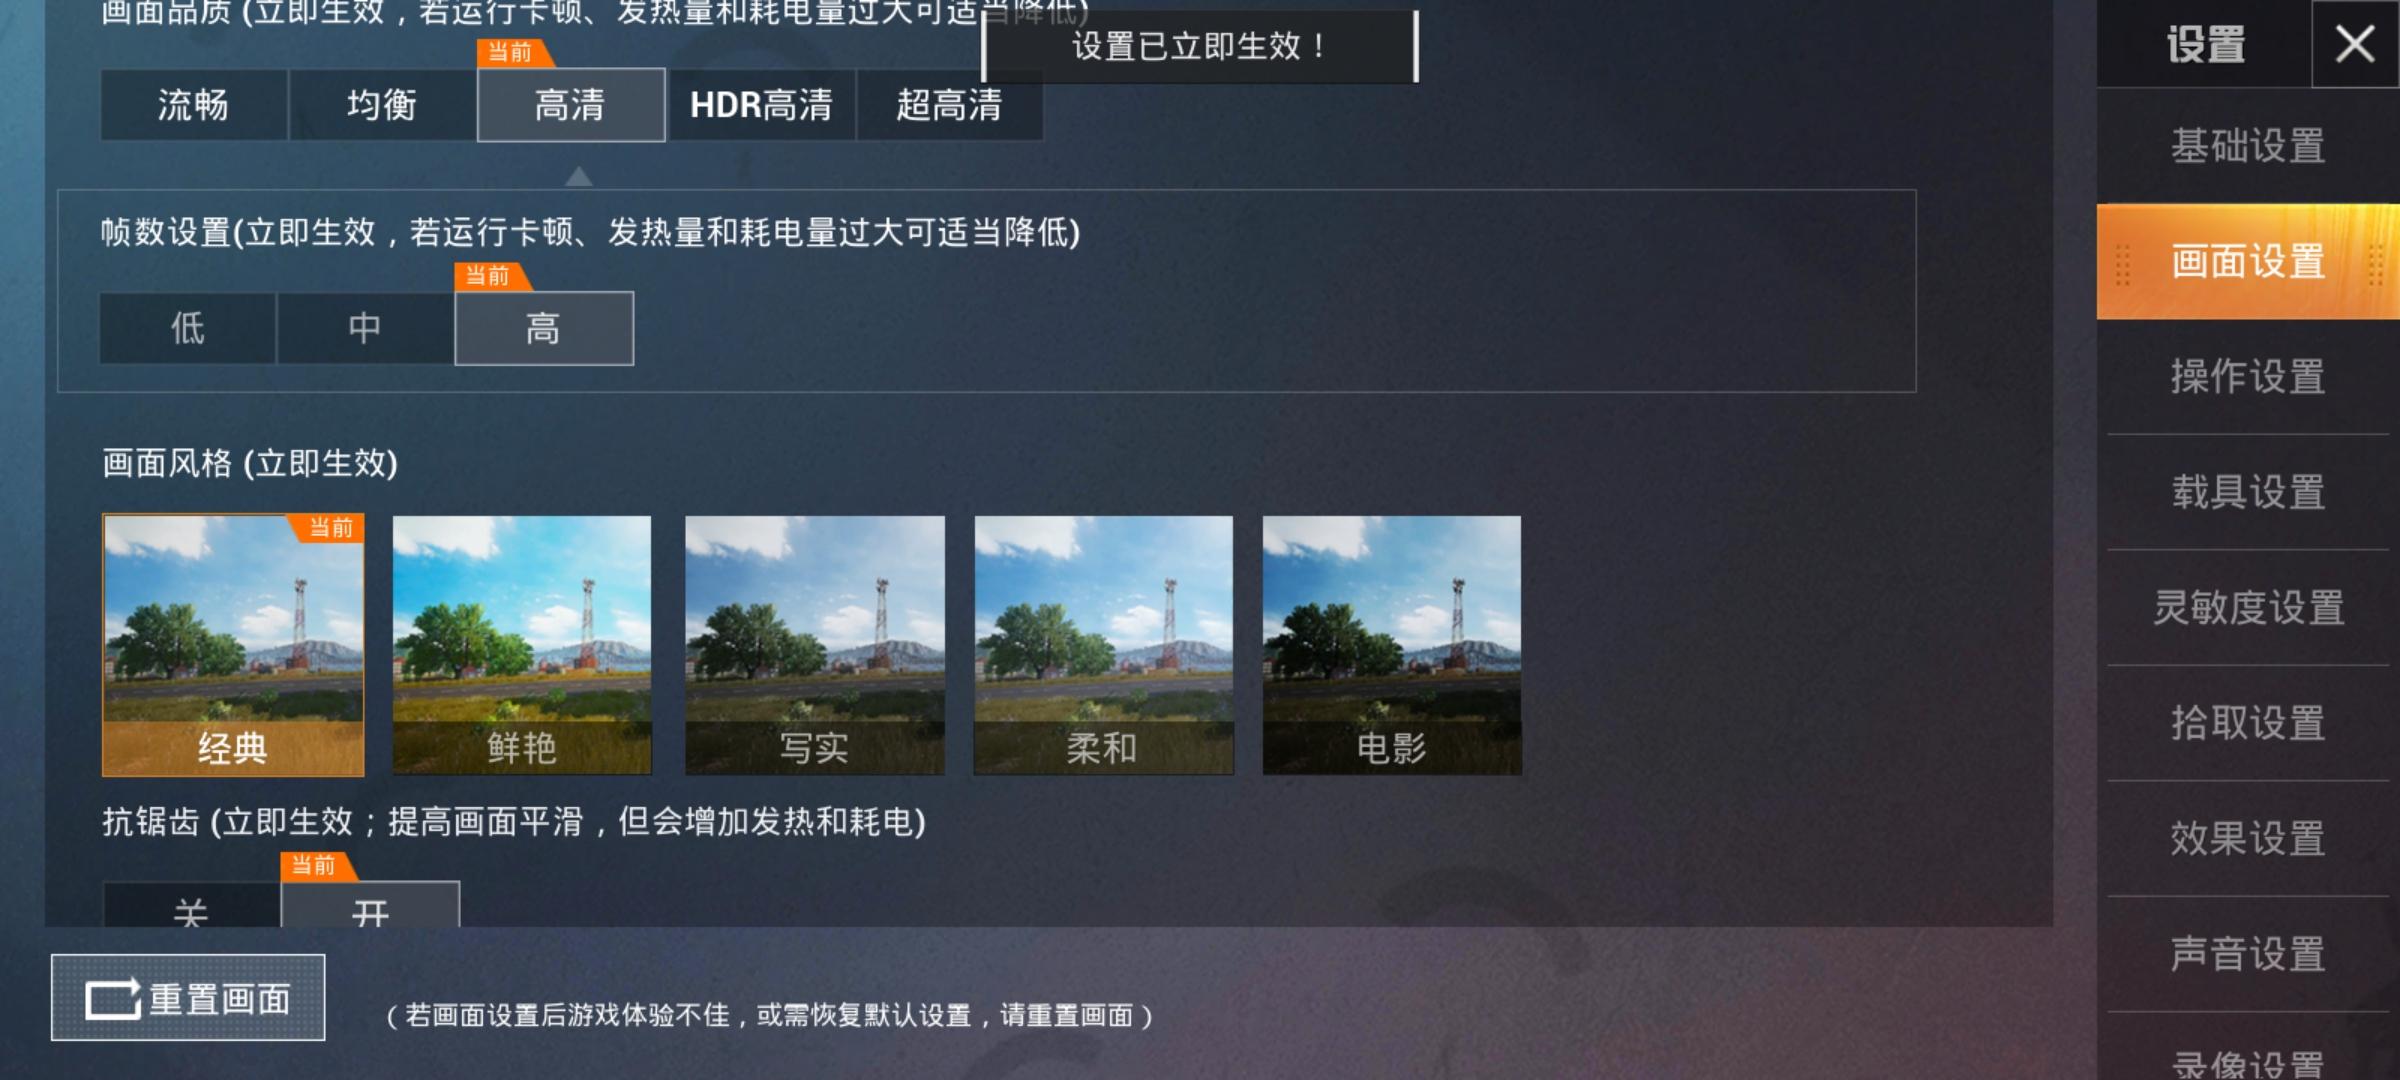 Screenshot_20200517_204434_com.tencent.tmgp.pubgmhd.jpg